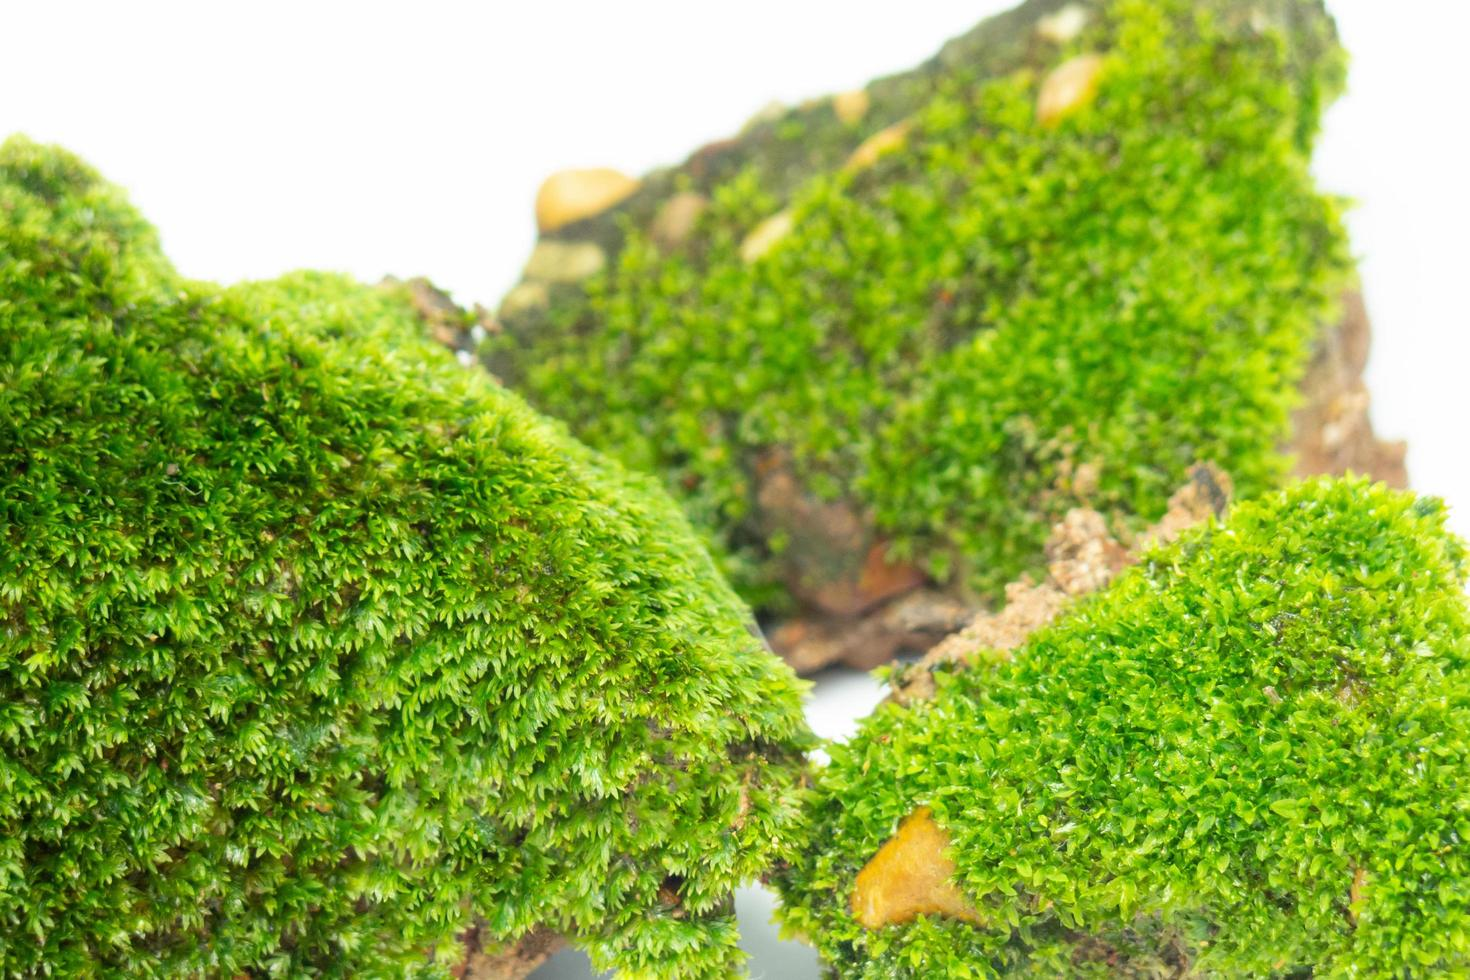 en närbild av ytan på den gröna mossan. mot en vit bakgrund foto